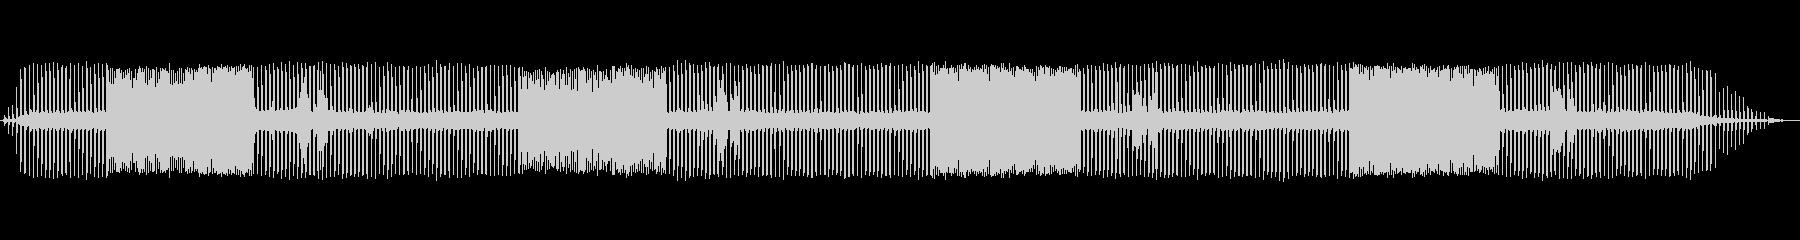 ラチェットスプリンクラー:スイープ...の未再生の波形